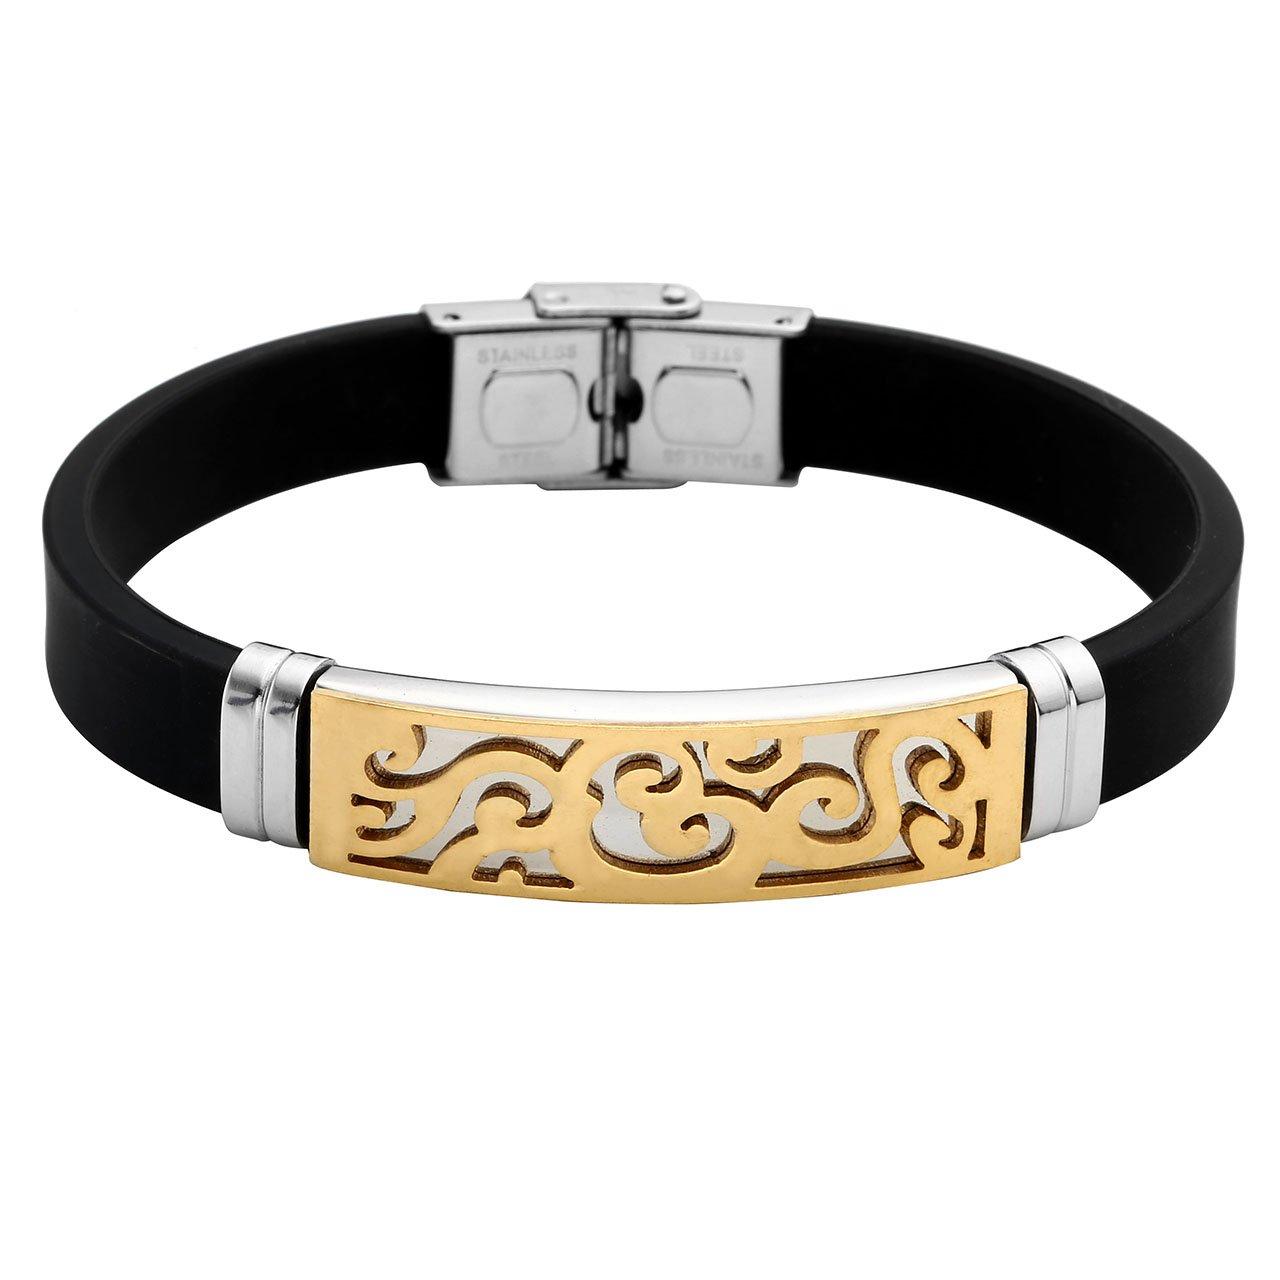 PiercingJ - Bijoux Bracelet en Caoutchouc Motif Lien Poignet Chaine de Main Biker Motard Acier Inoxydable Classique Couple Amoureux Cadeau Valentin avec Boite Cadeau